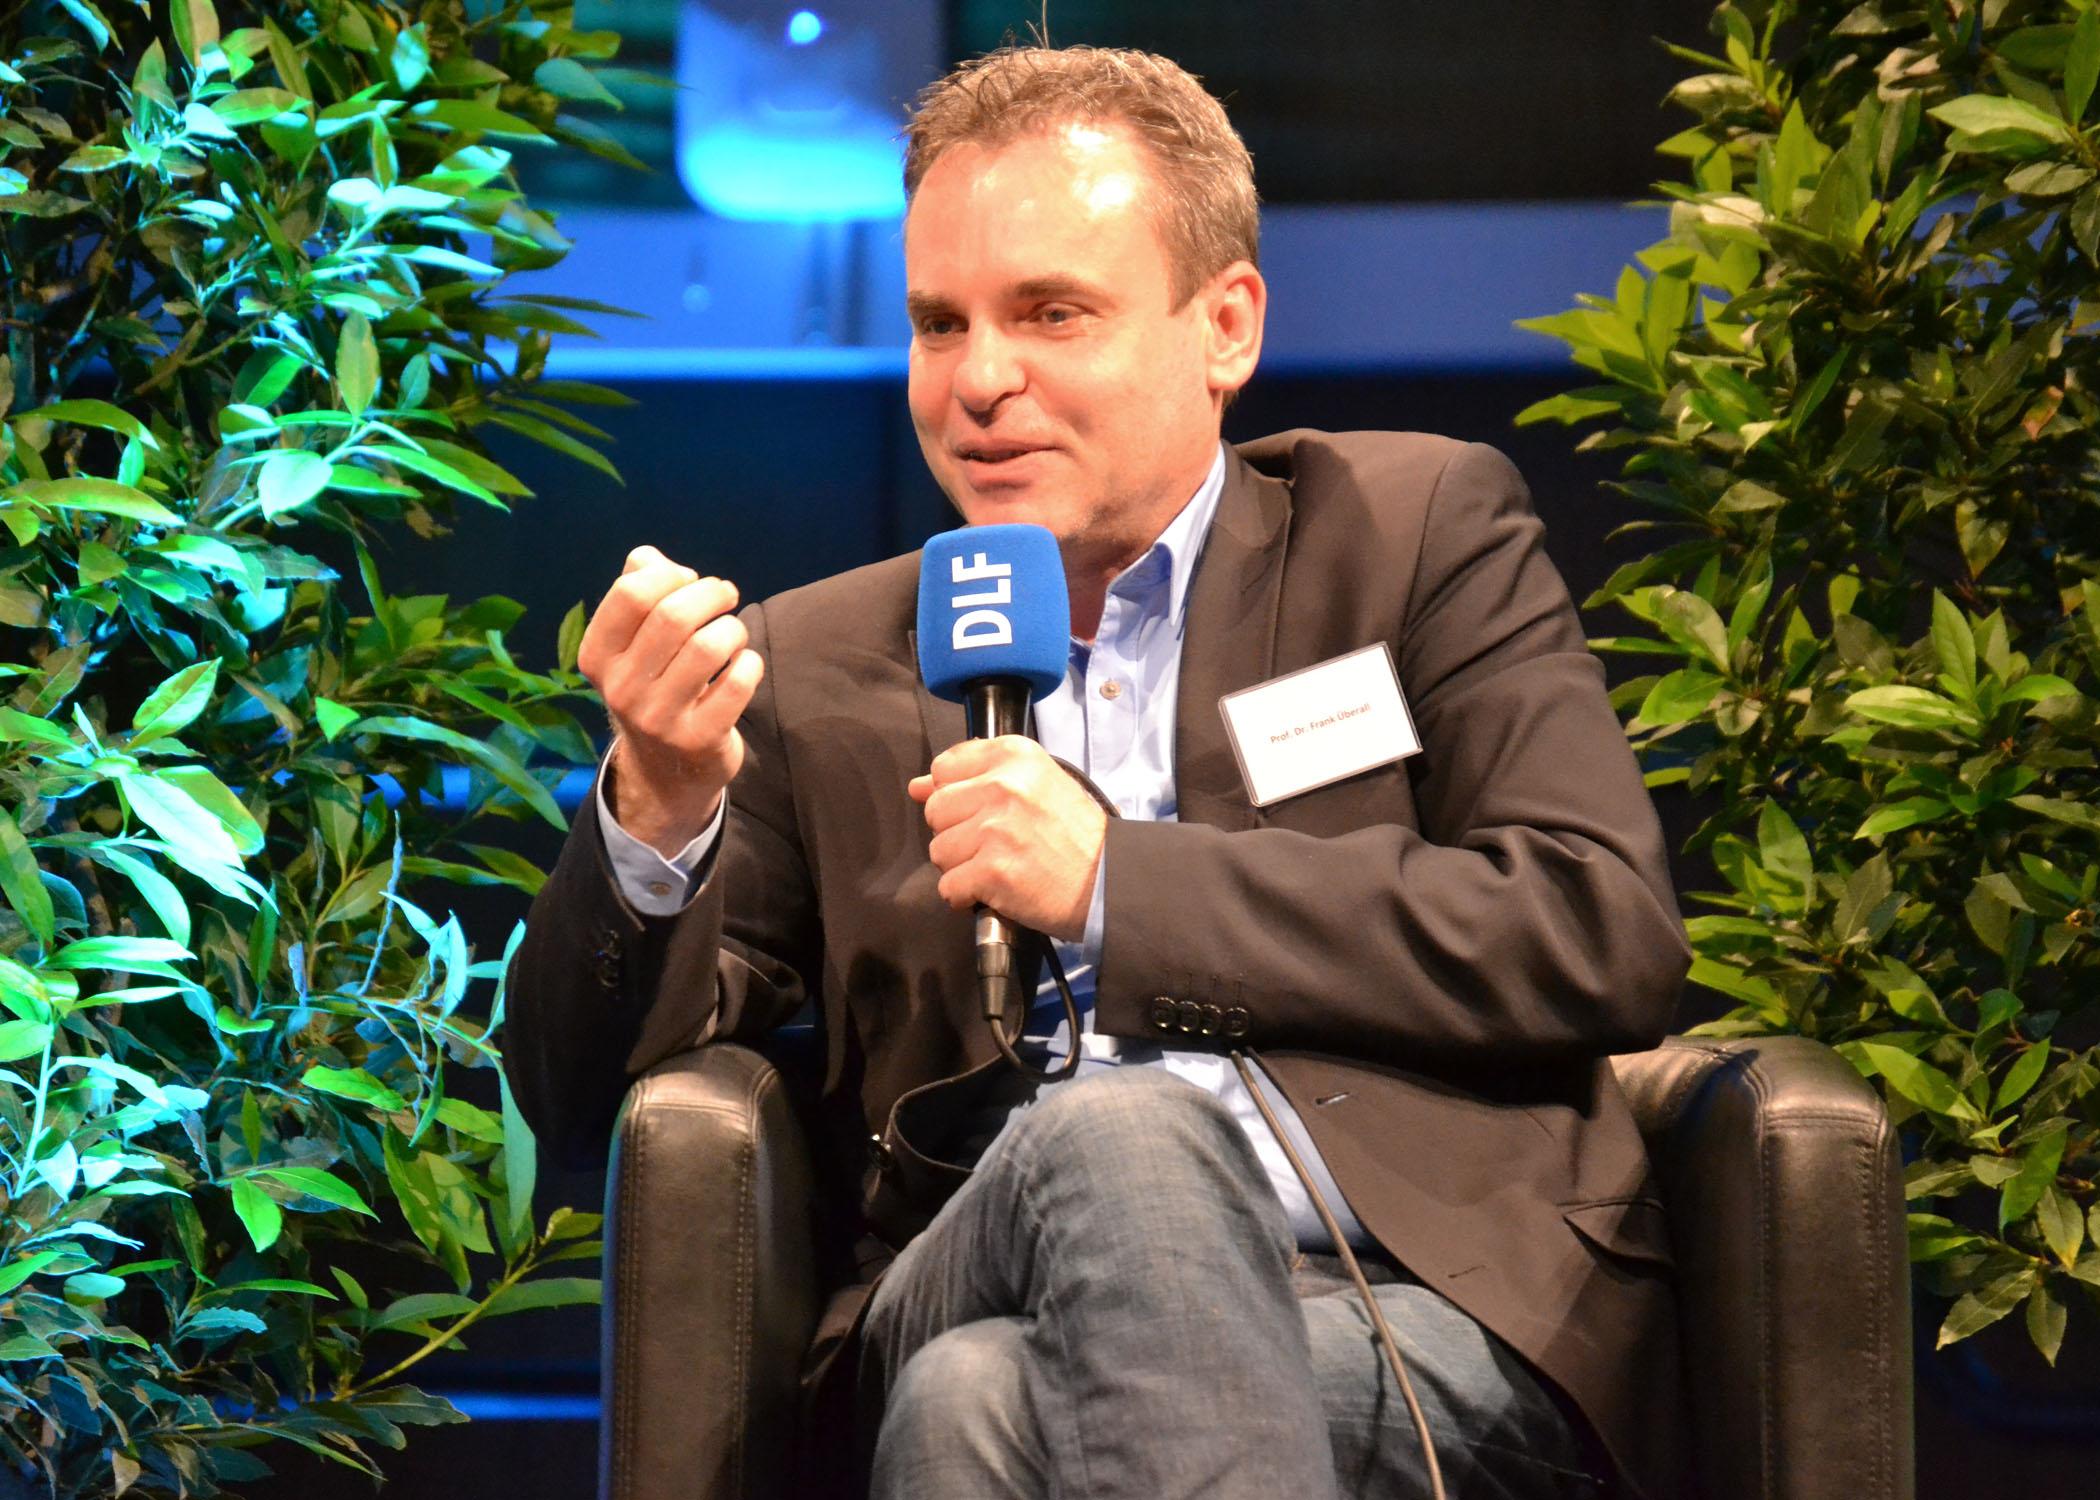 Prof. Dr. Frank Überall lehrt an der HMKW Köln und ist Bundesvorsitzender des DJV.